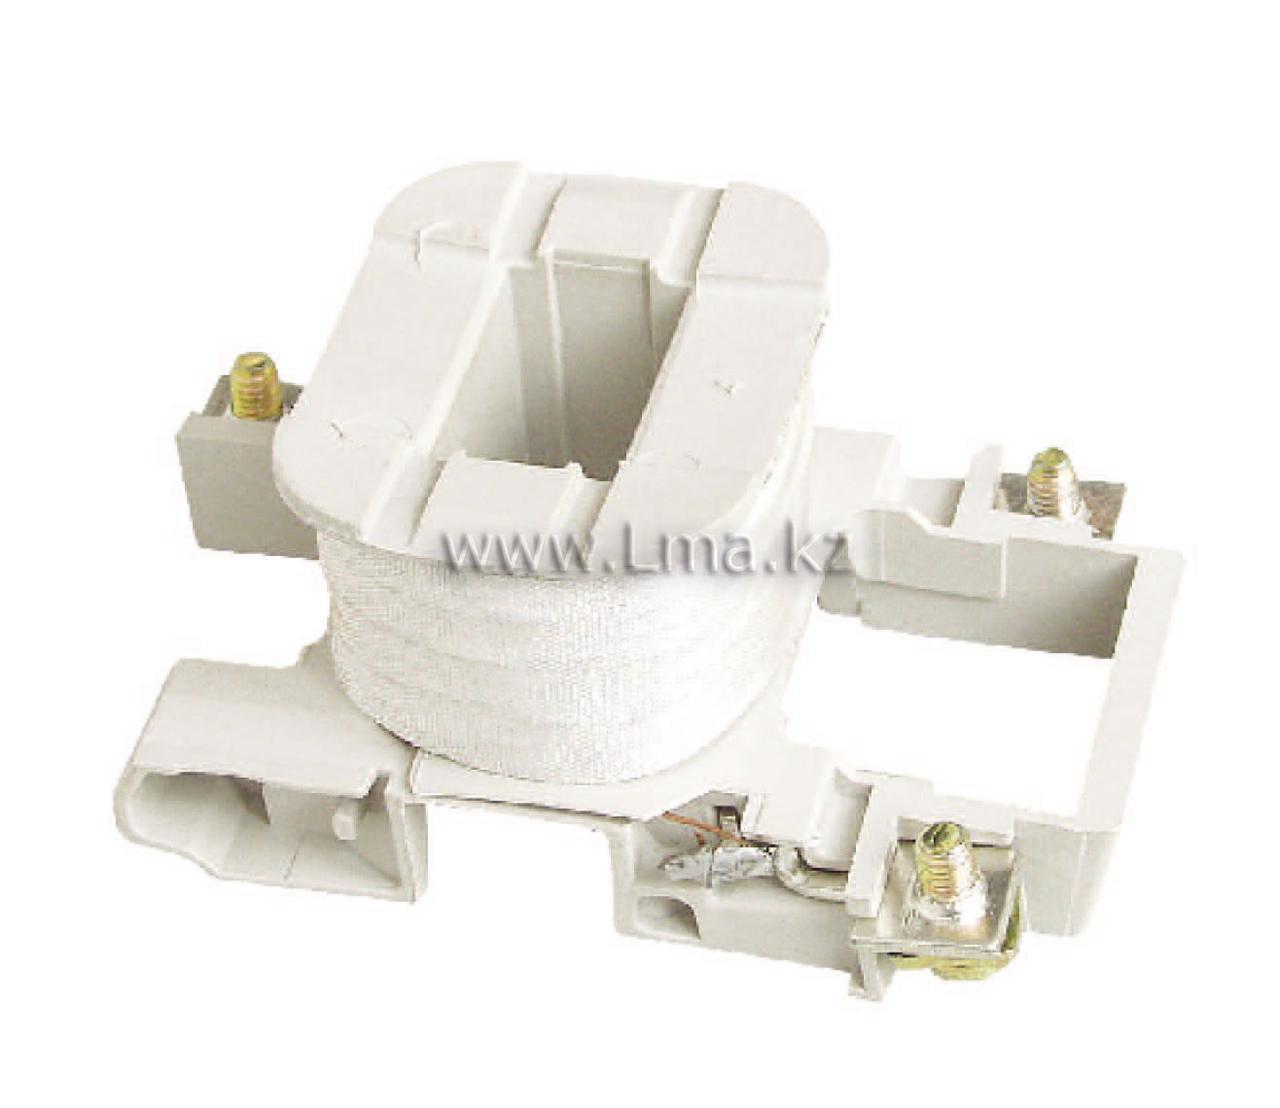 Катушка управления контактором электромагнитным TSX1-FH (КТК-265-330Л) AC 220V, 380V